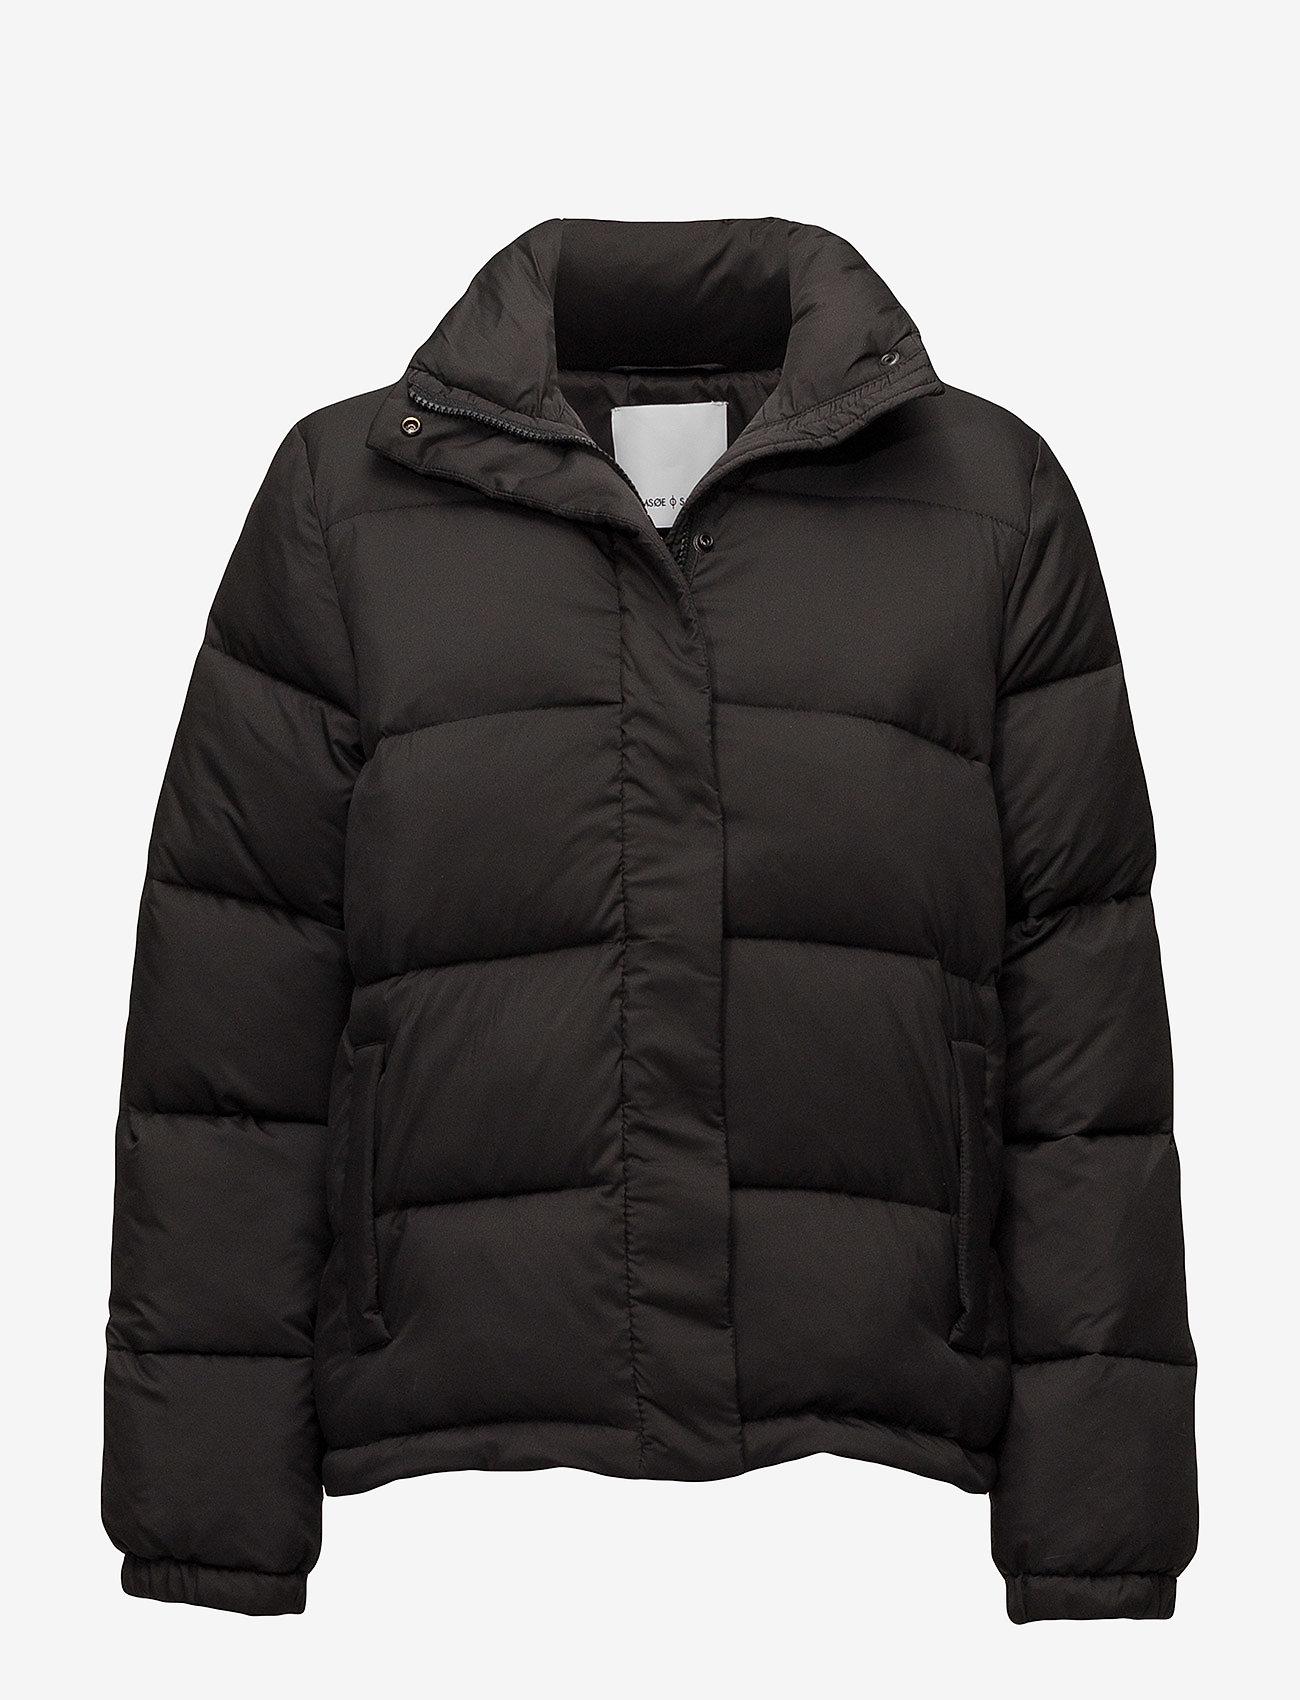 Samsøe Samsøe - Vinda jacket 10143 - gefütterte & daunenjacken - black - 0